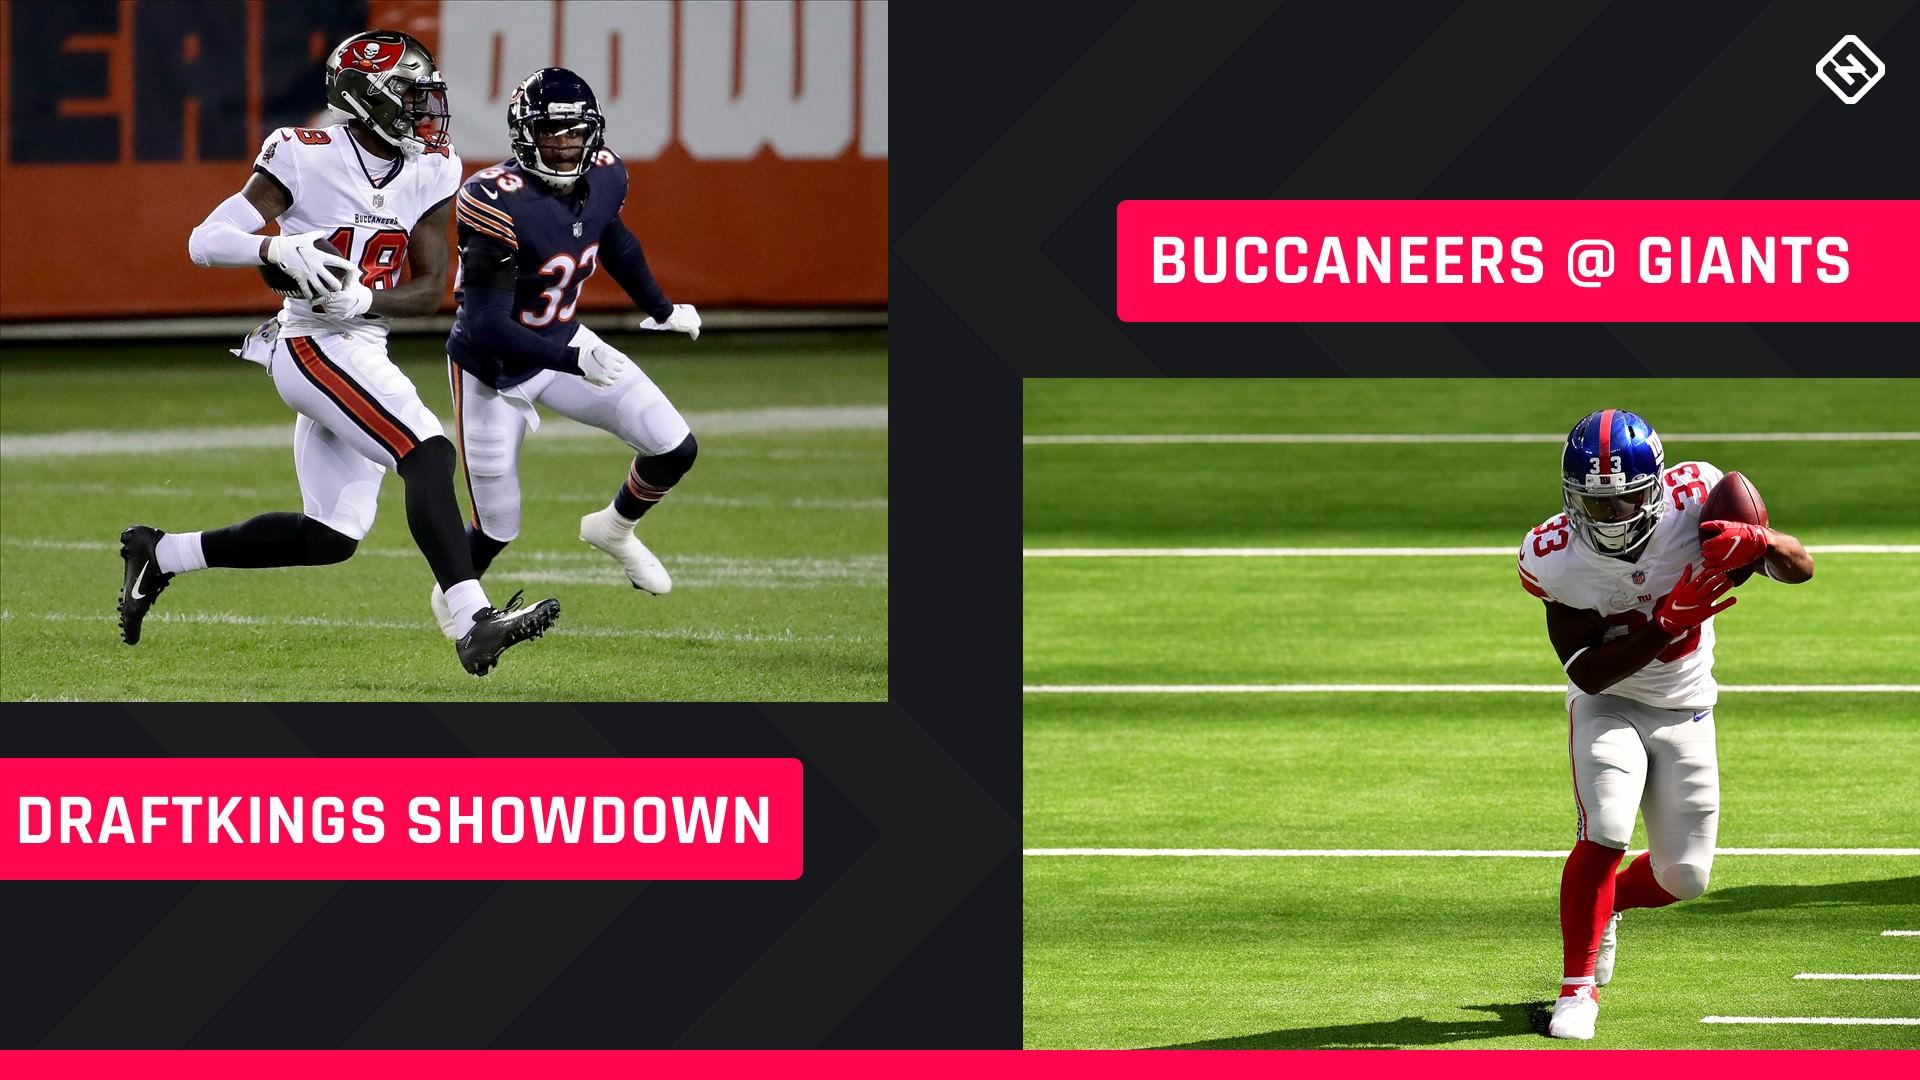 Escolhas dos Reis do Draft do futebol nas segundas-feiras à noite: conselhos sobre a escalação da NFL DFS para os torneios da Semana 8 do Buccaneers-Giants Showdown